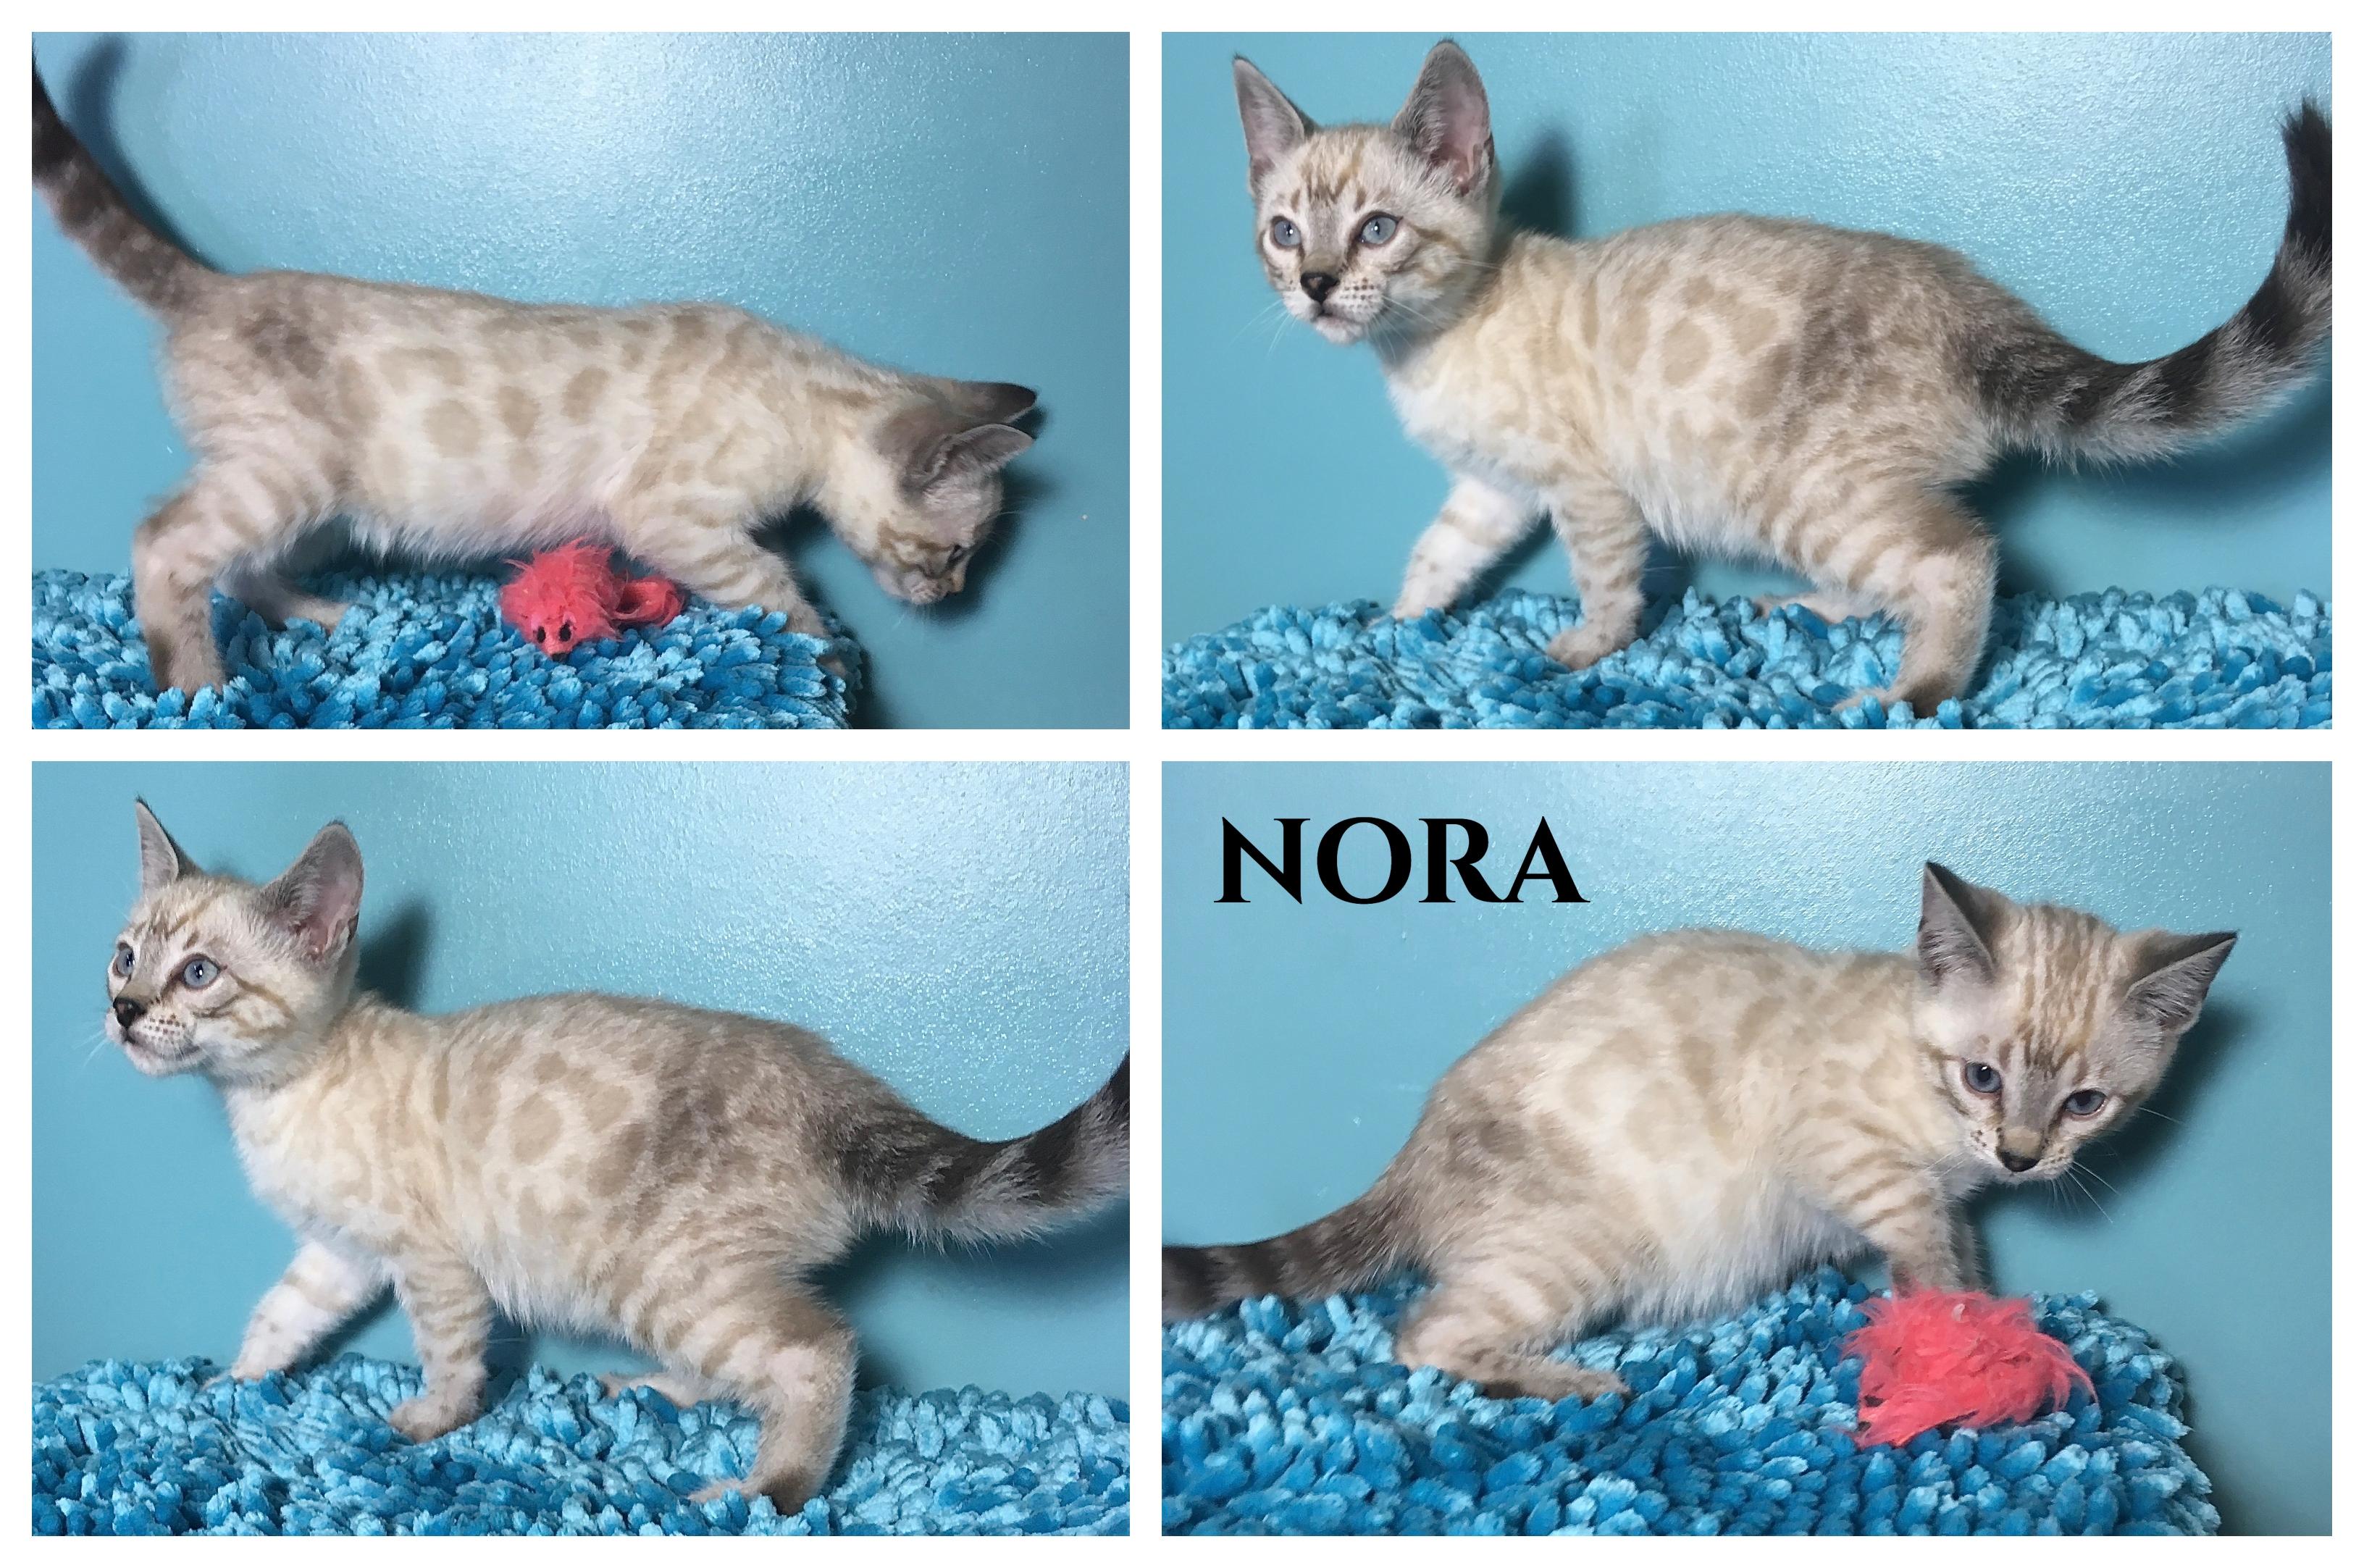 Nora 10 weeks